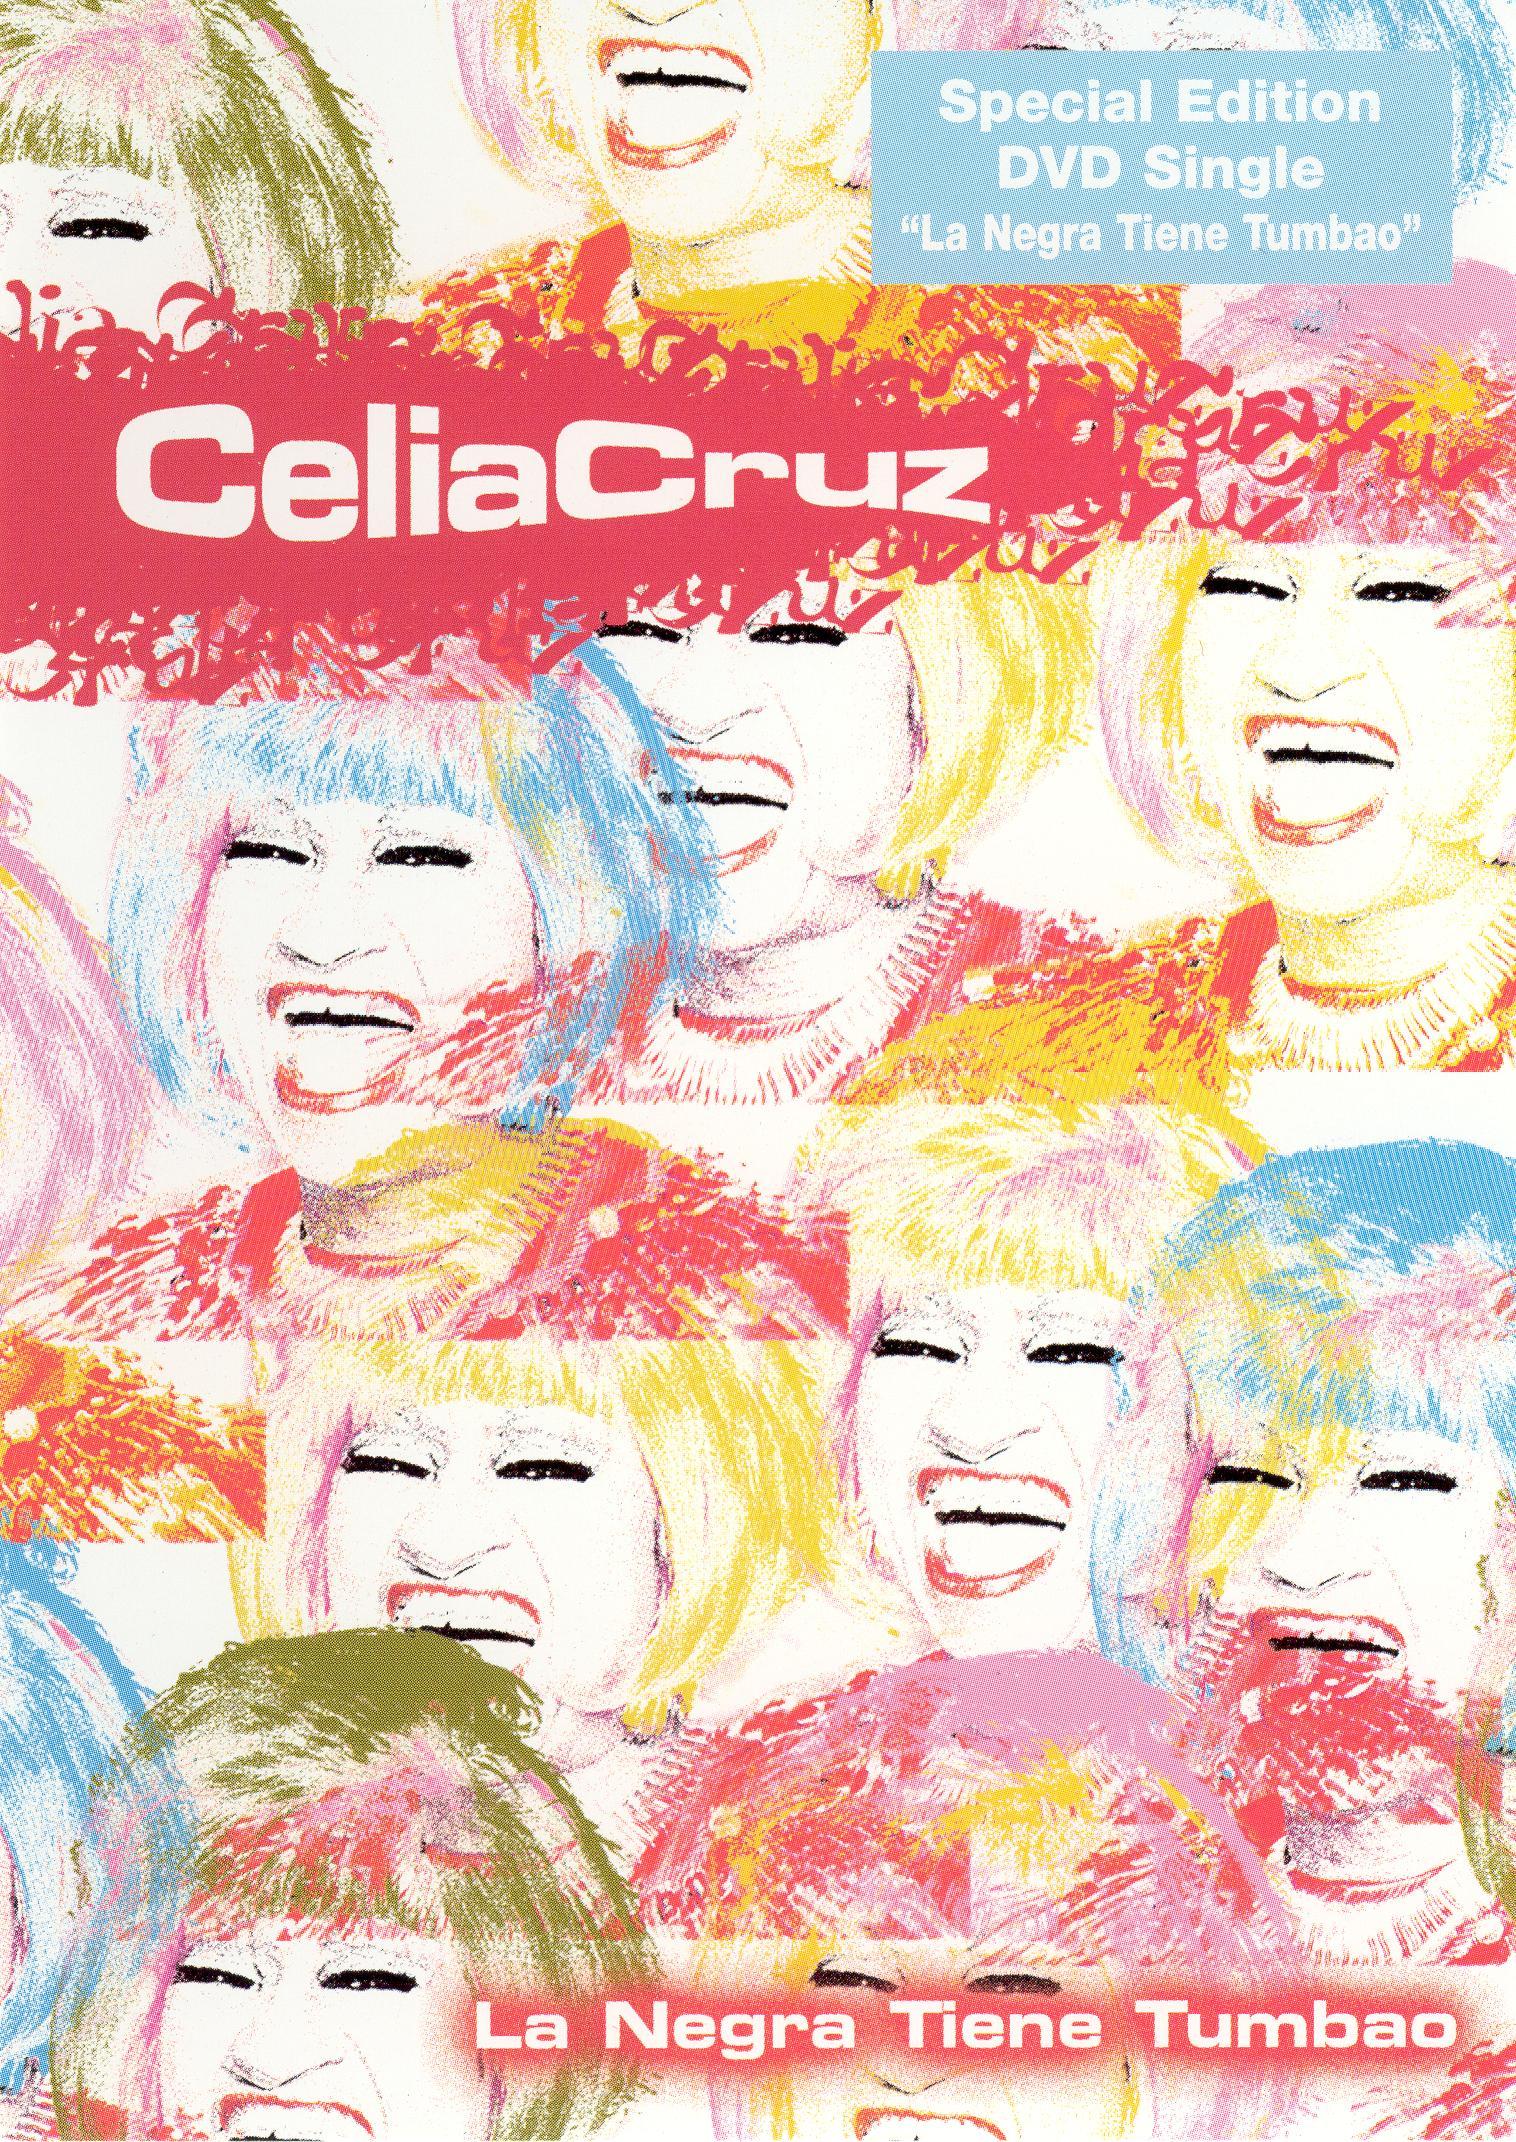 Celia Cruz: La Negra Tiene Tumbao [DVD Single]